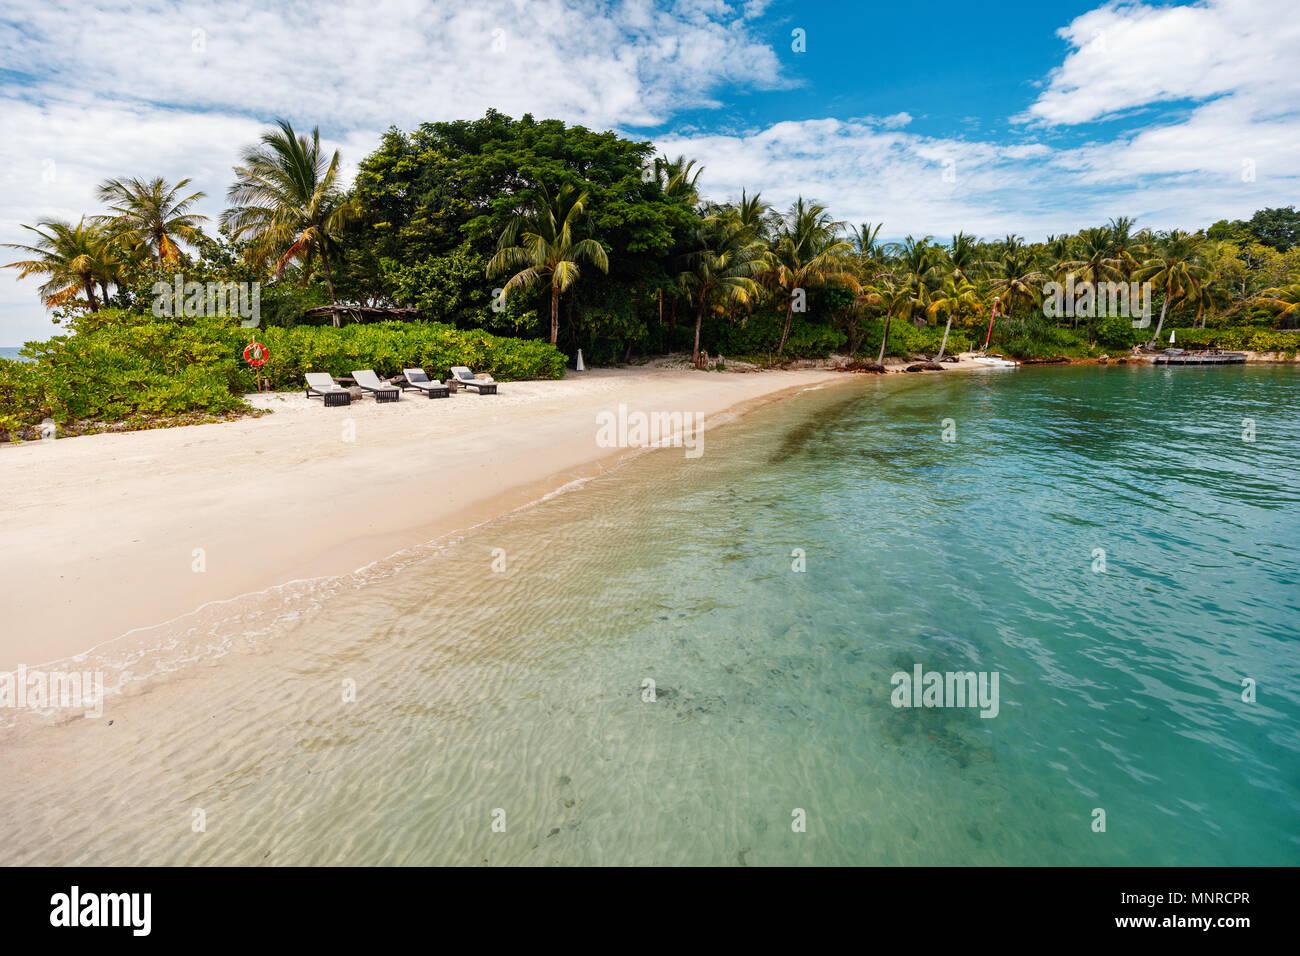 Isla tropical idílica y turquesas aguas del océano Foto de stock